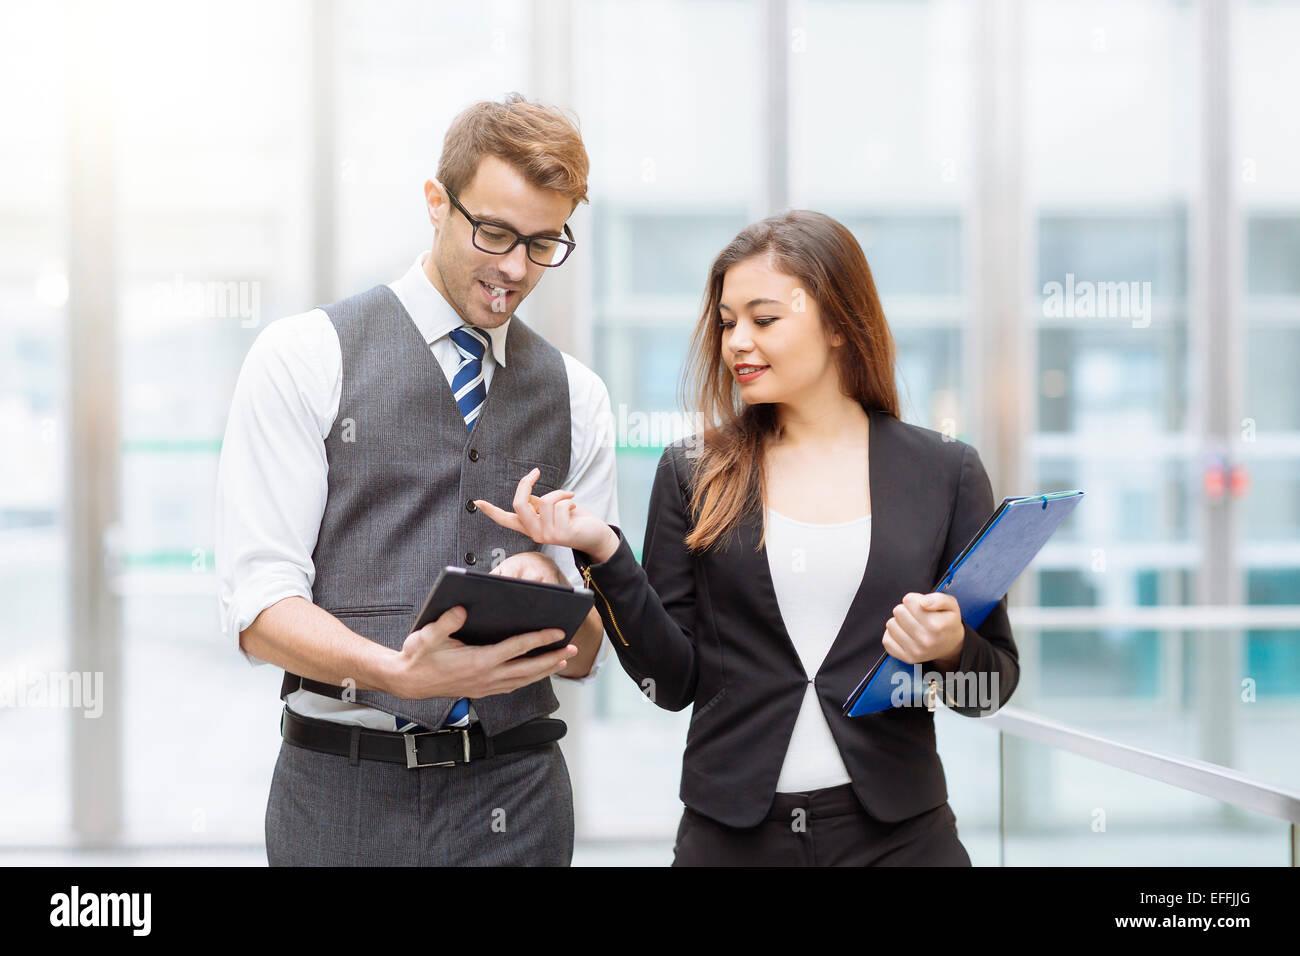 La gente di affari di incontro e condivisione delle idee Immagini Stock